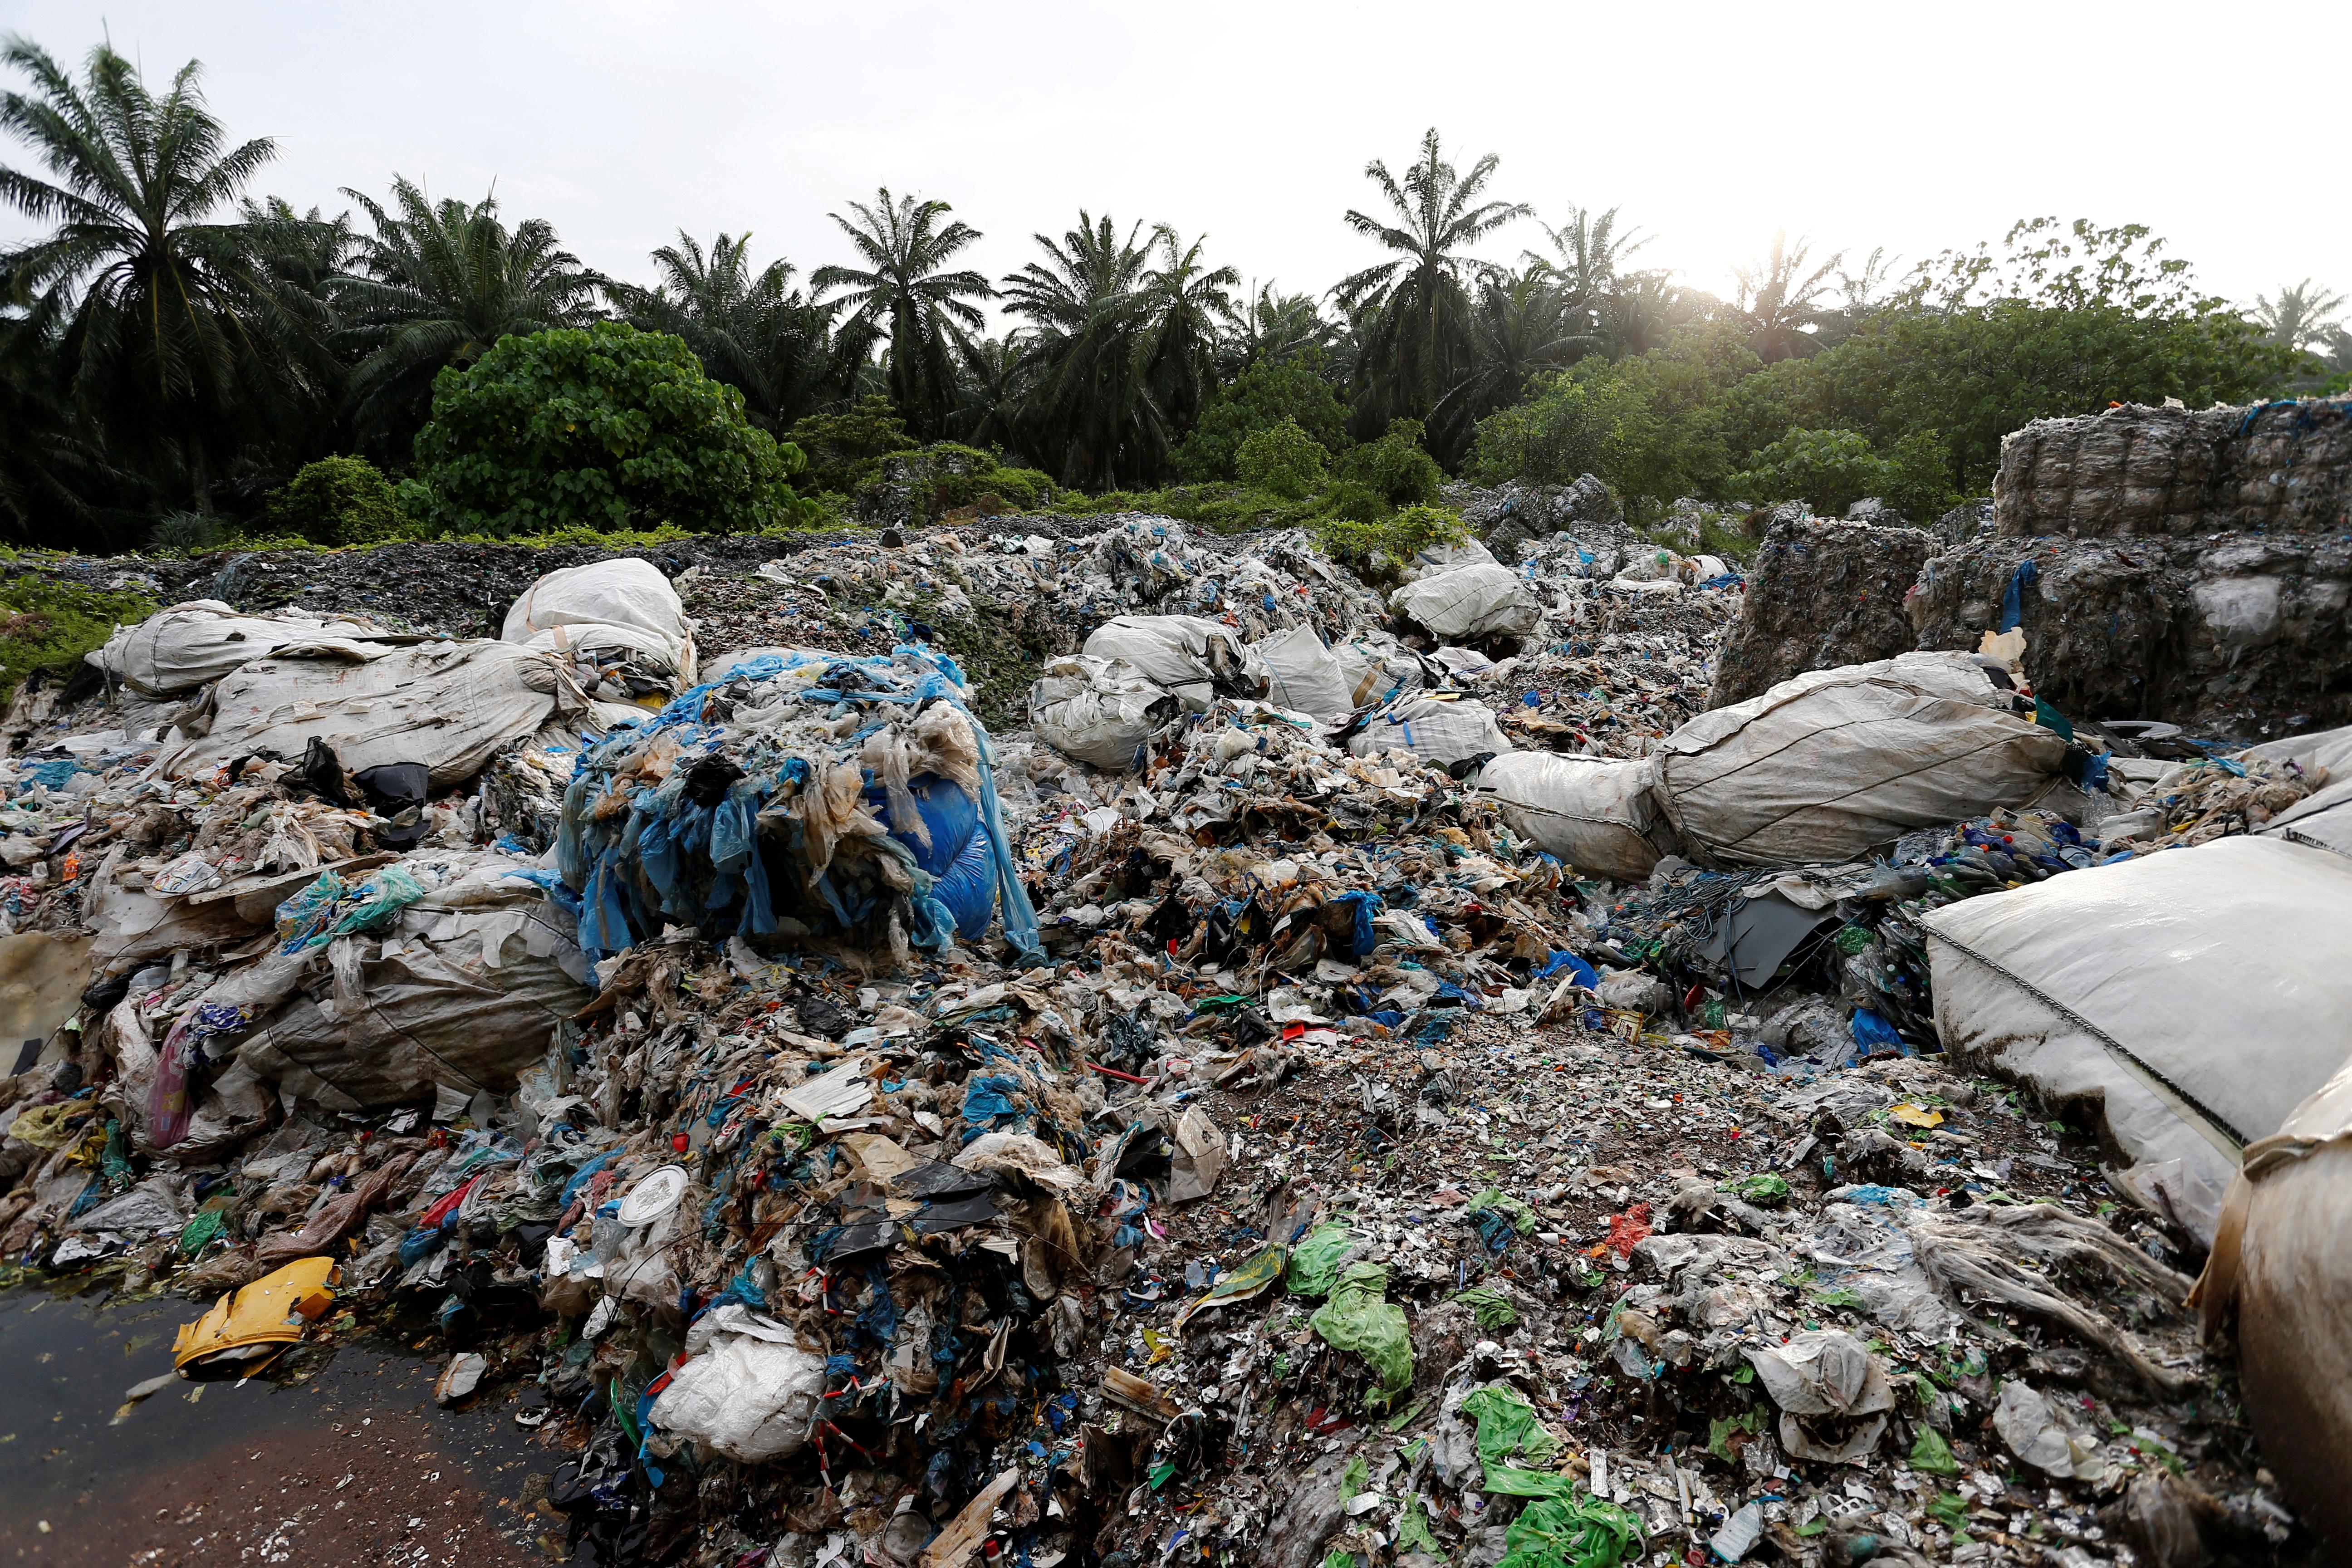 Η Βρετανία παίρνει πίσω τα… σκουπίδια της που είχε στείλει παράνομα στη Μαλαισία